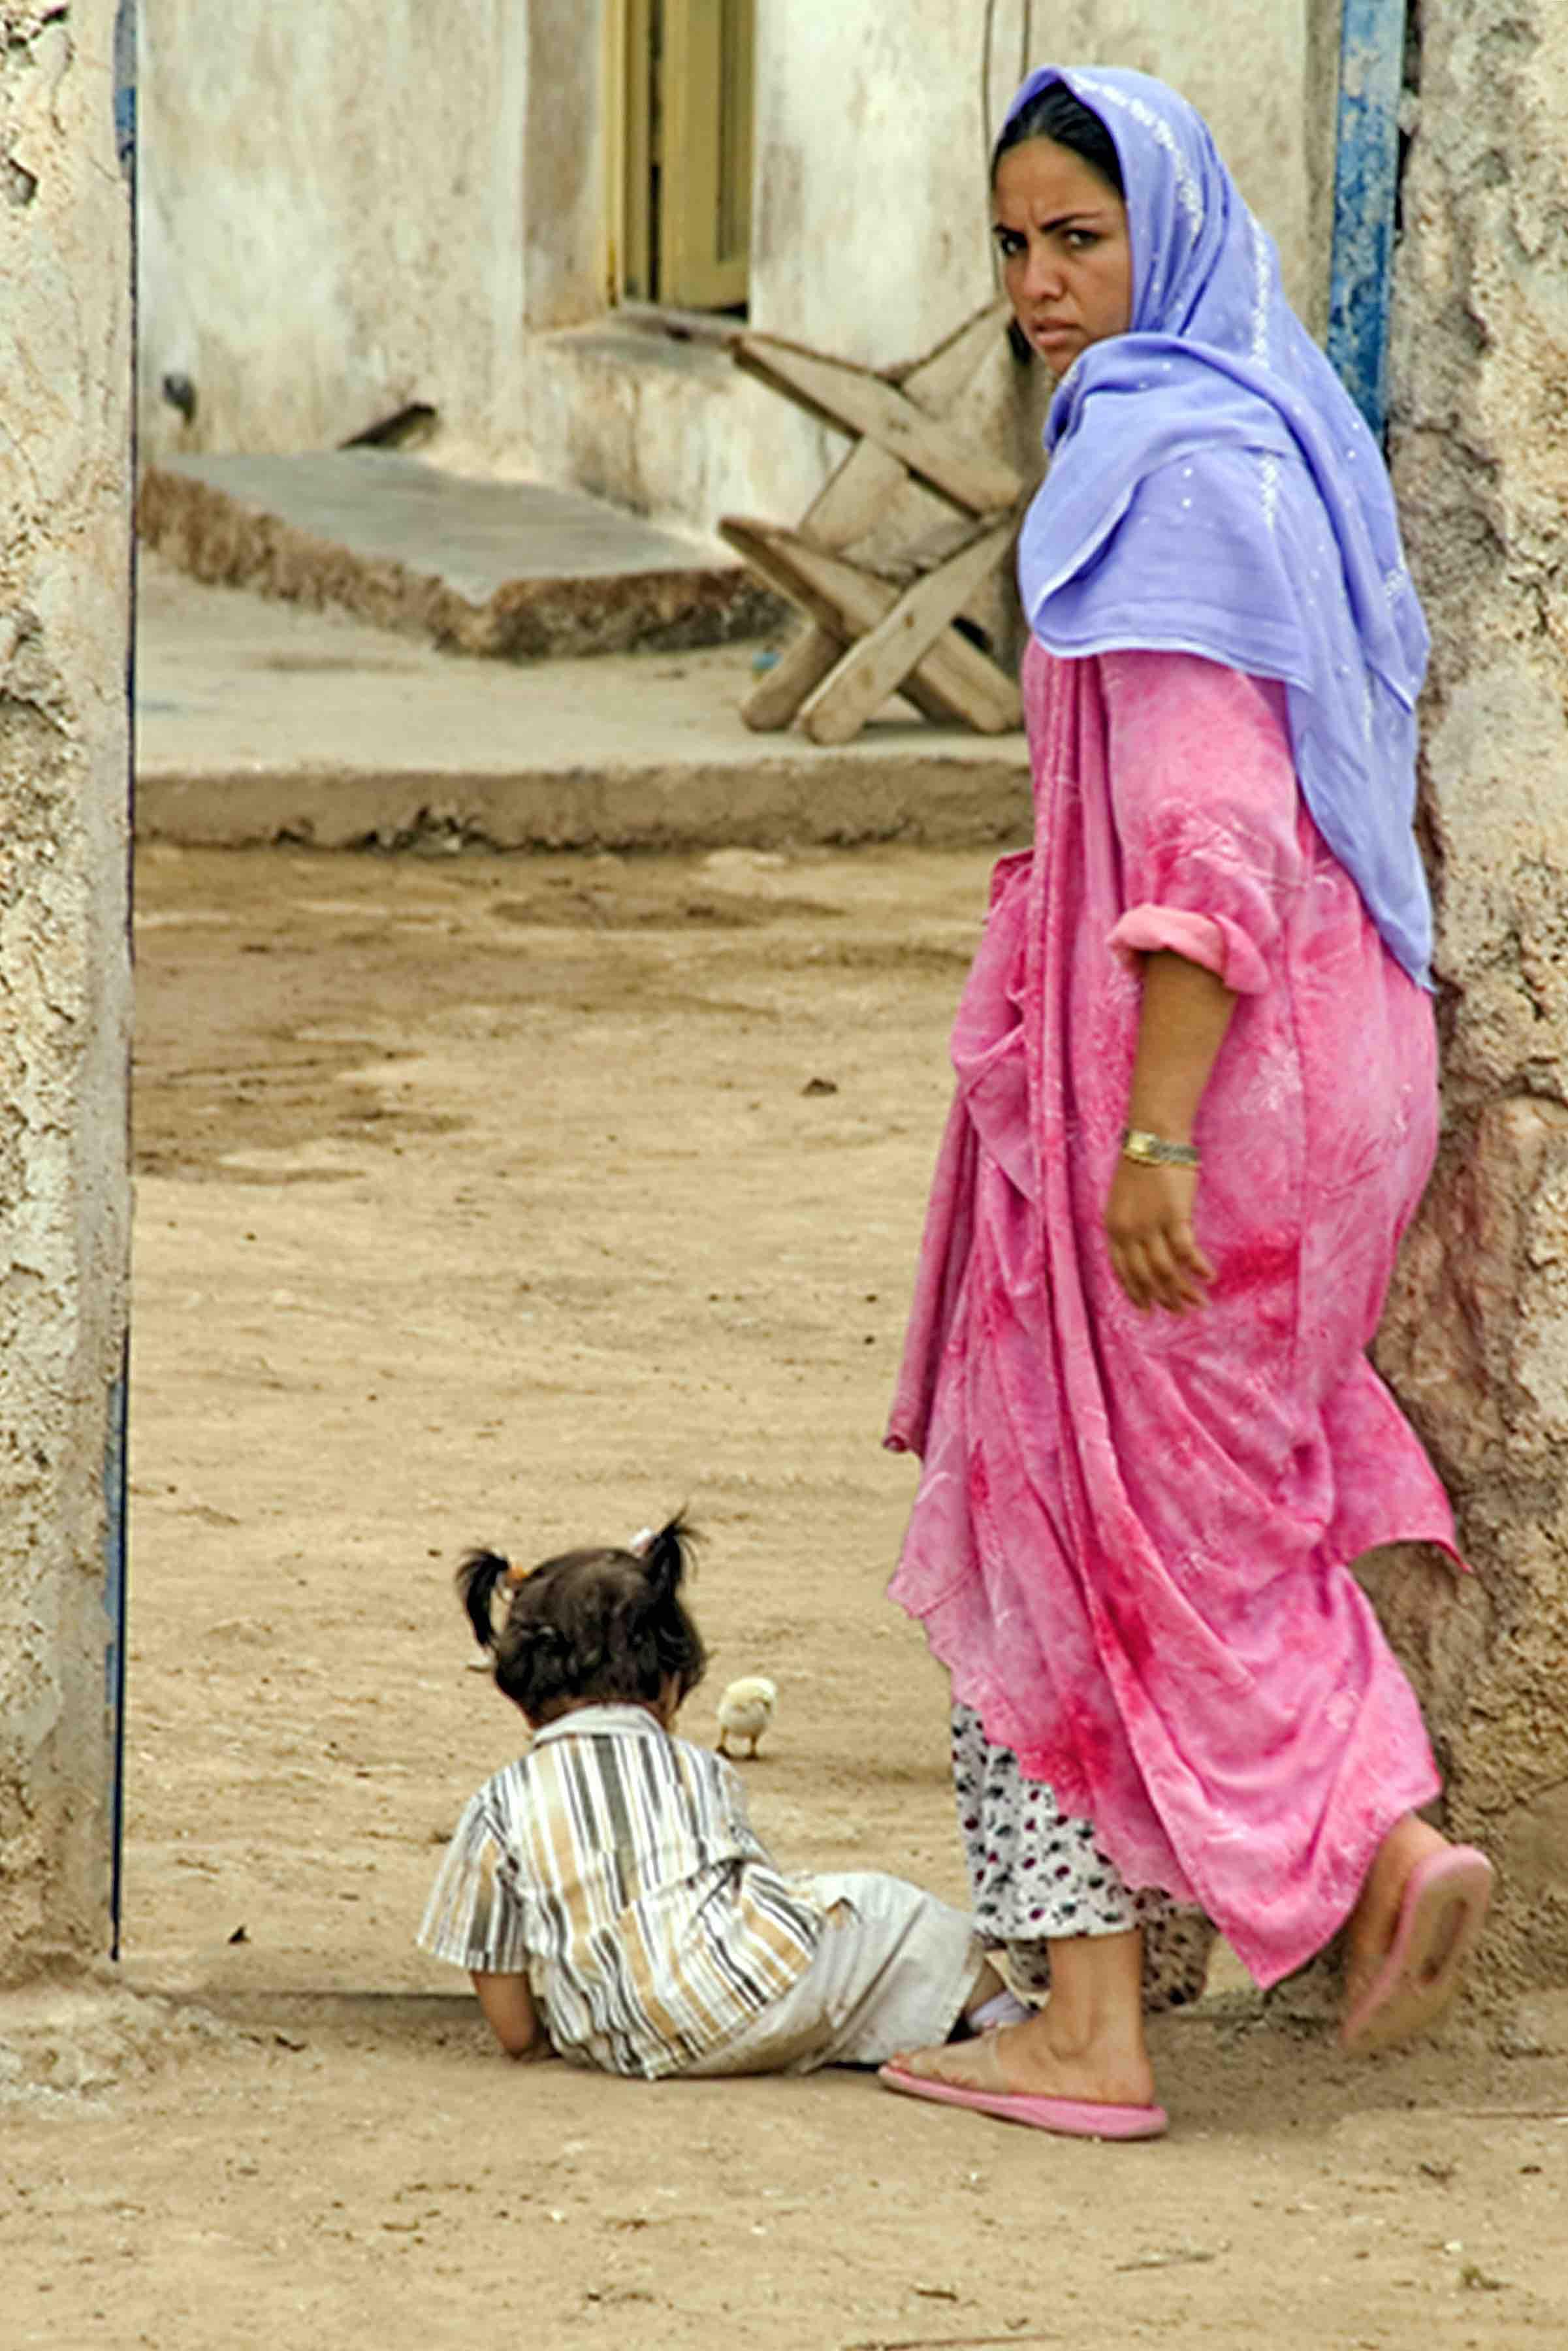 Turkey_Lady and Child 12x8@300 sig.jpg